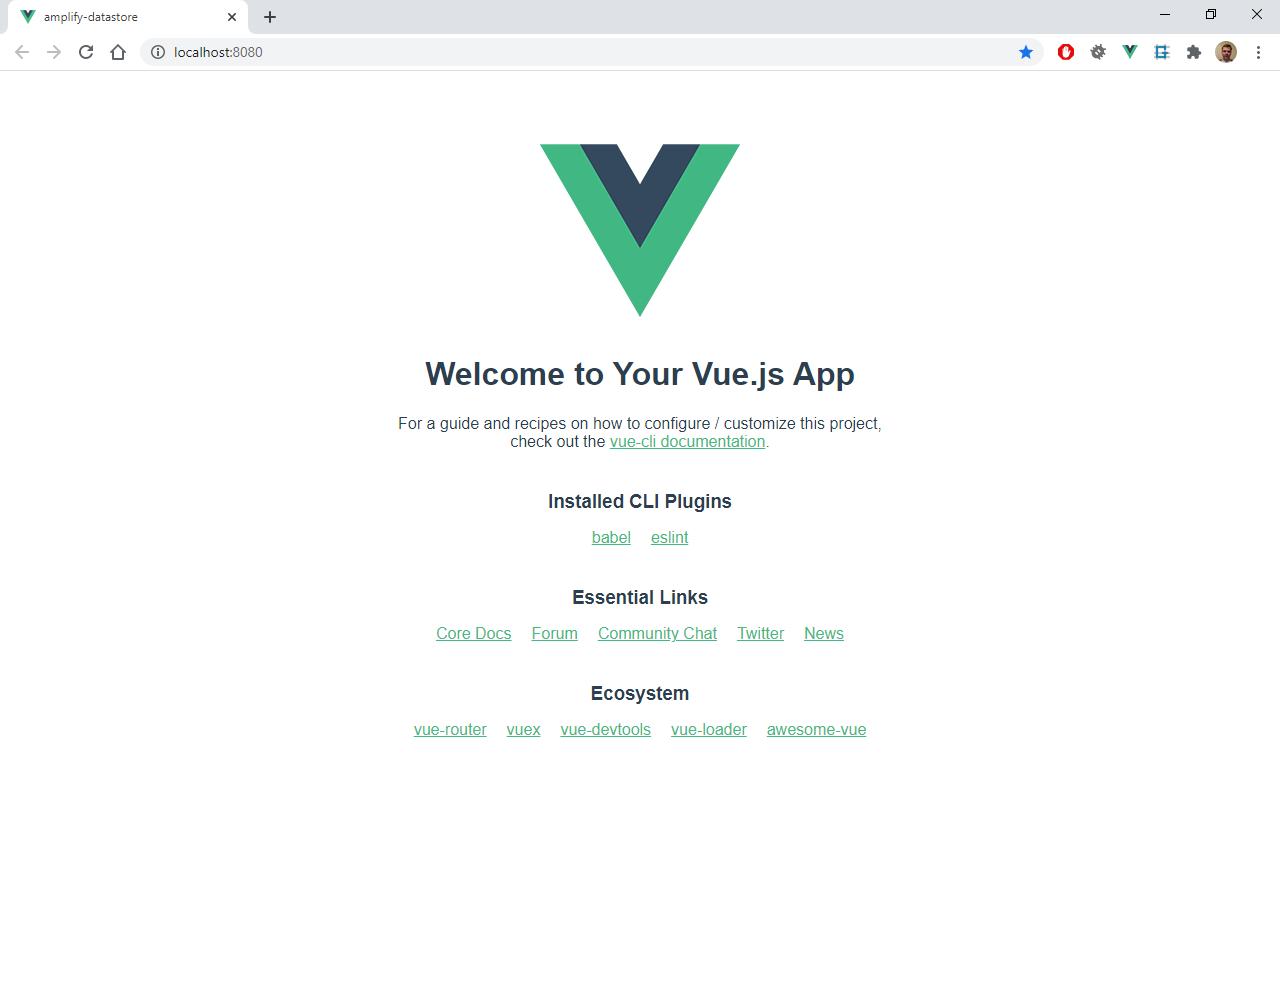 Пишем мессенджер на Vue в облаке Amazon - 2